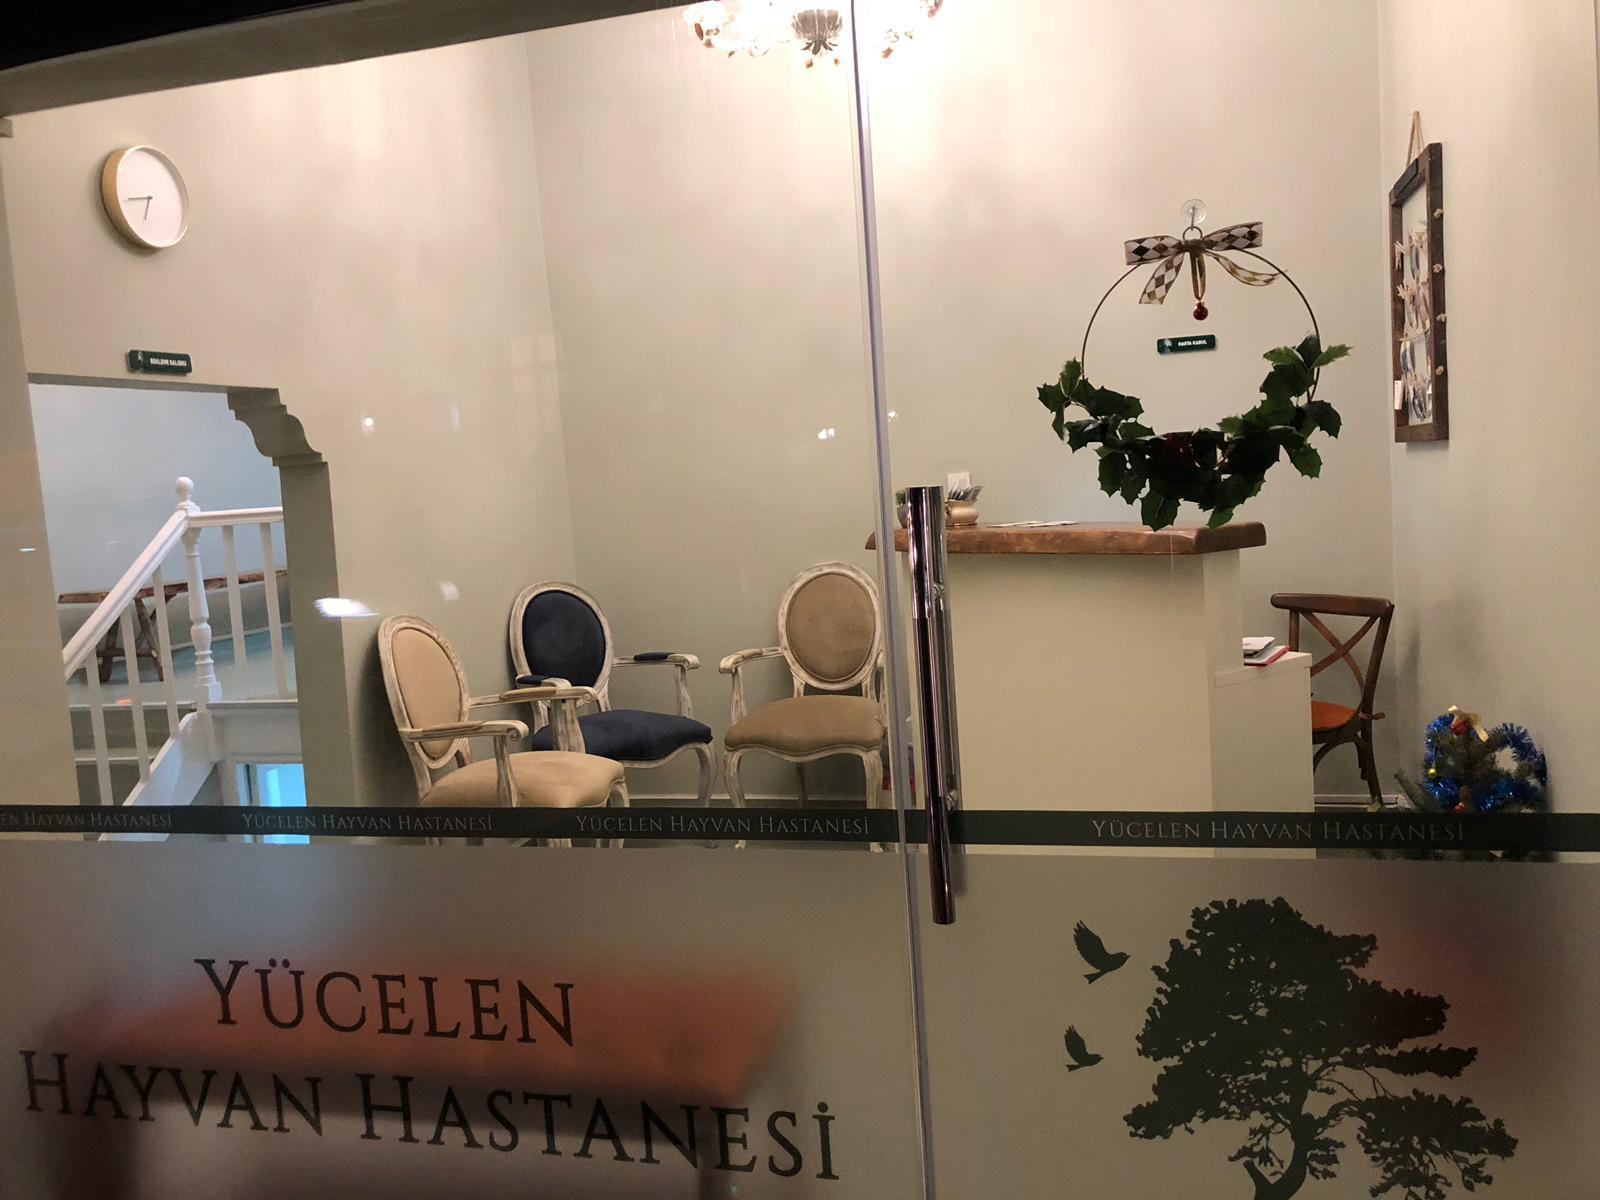 www.yucelenhayvanhastanesi.com